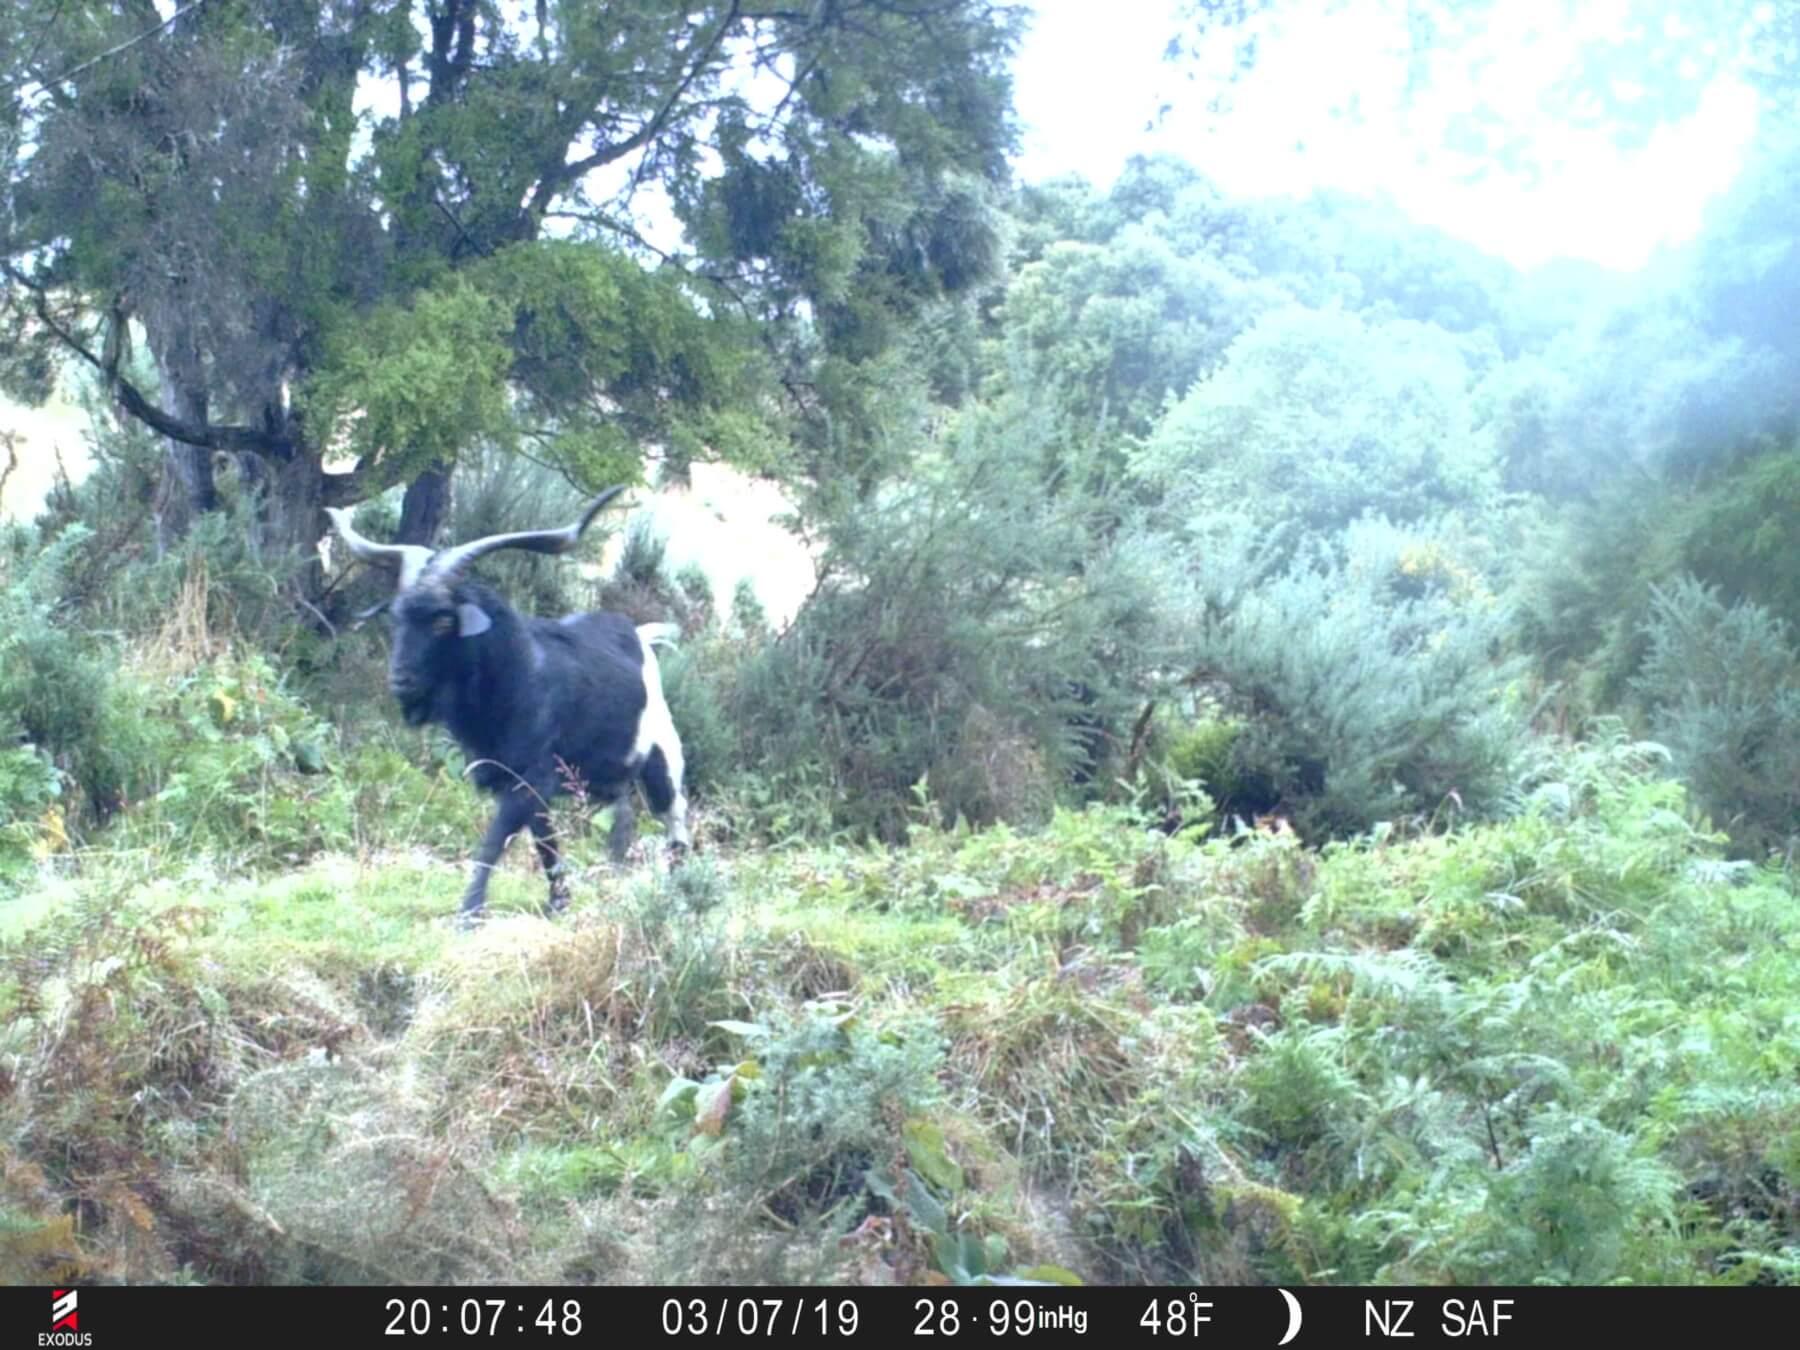 alpine goat trail cam